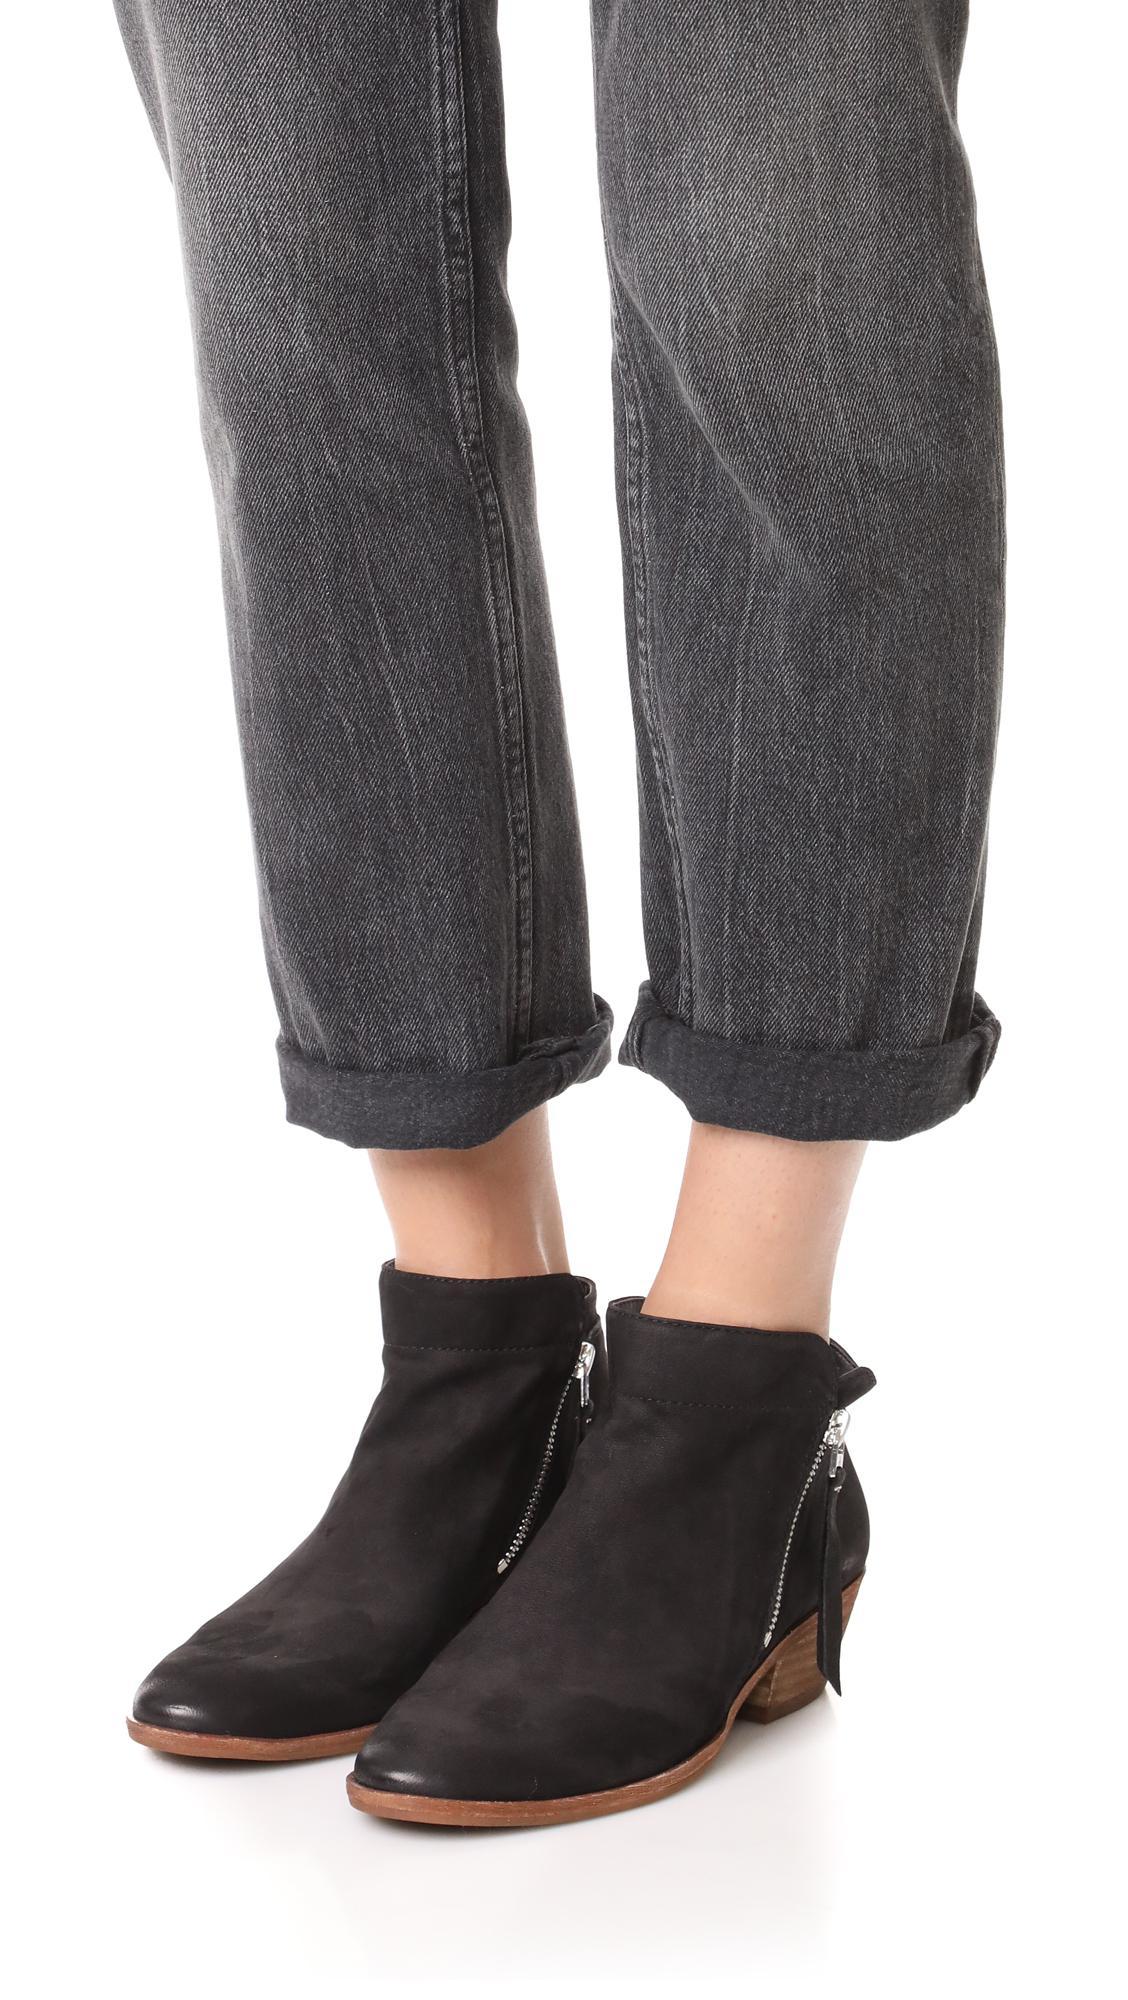 Sam Edelman Women's Packer Leather Low Heel Booties IURc72